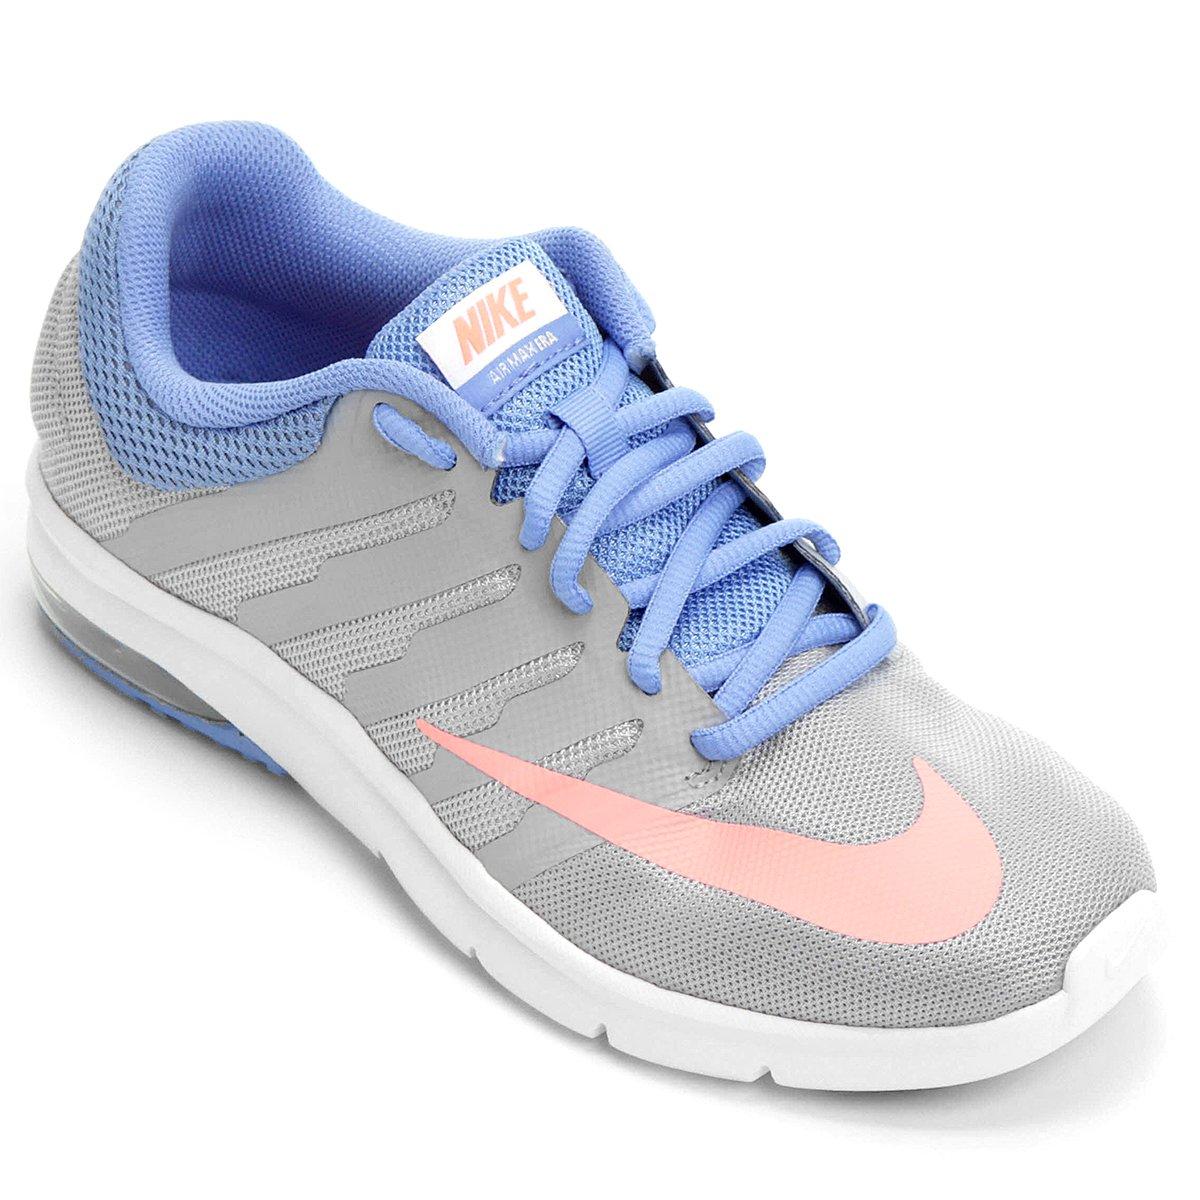 f1ba50631cc Tênis Nike Air Max Era Feminino - Compre Agora